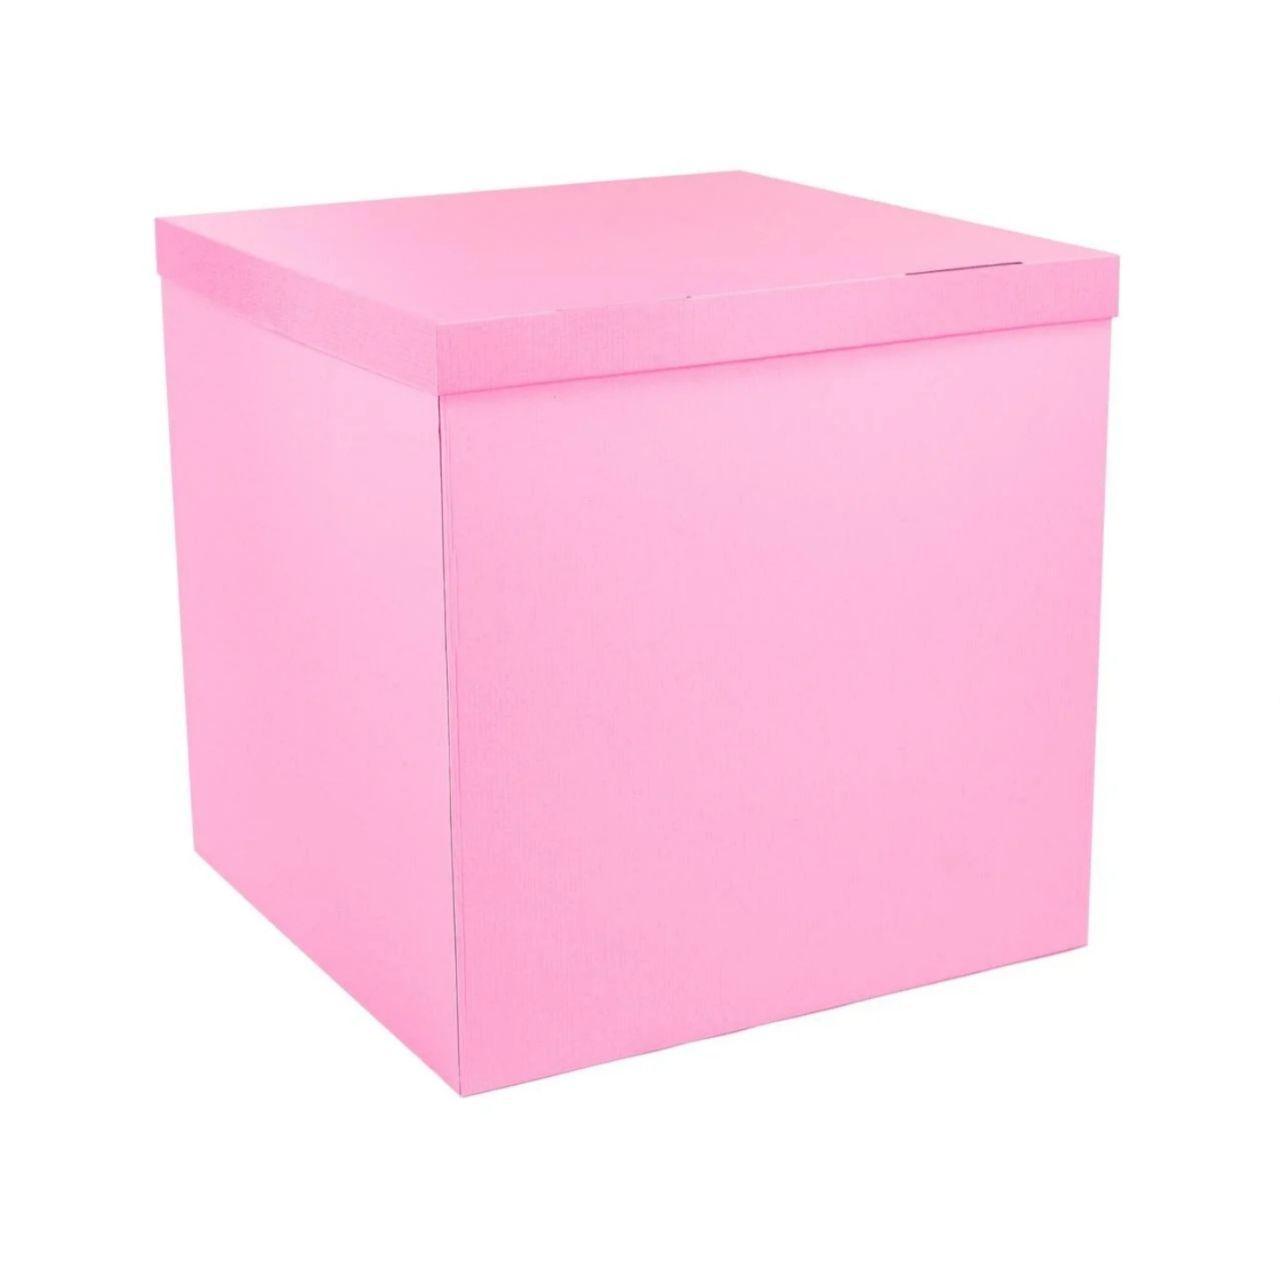 Коробка сюрприз для шаров розовая, класс А 70х70х70см